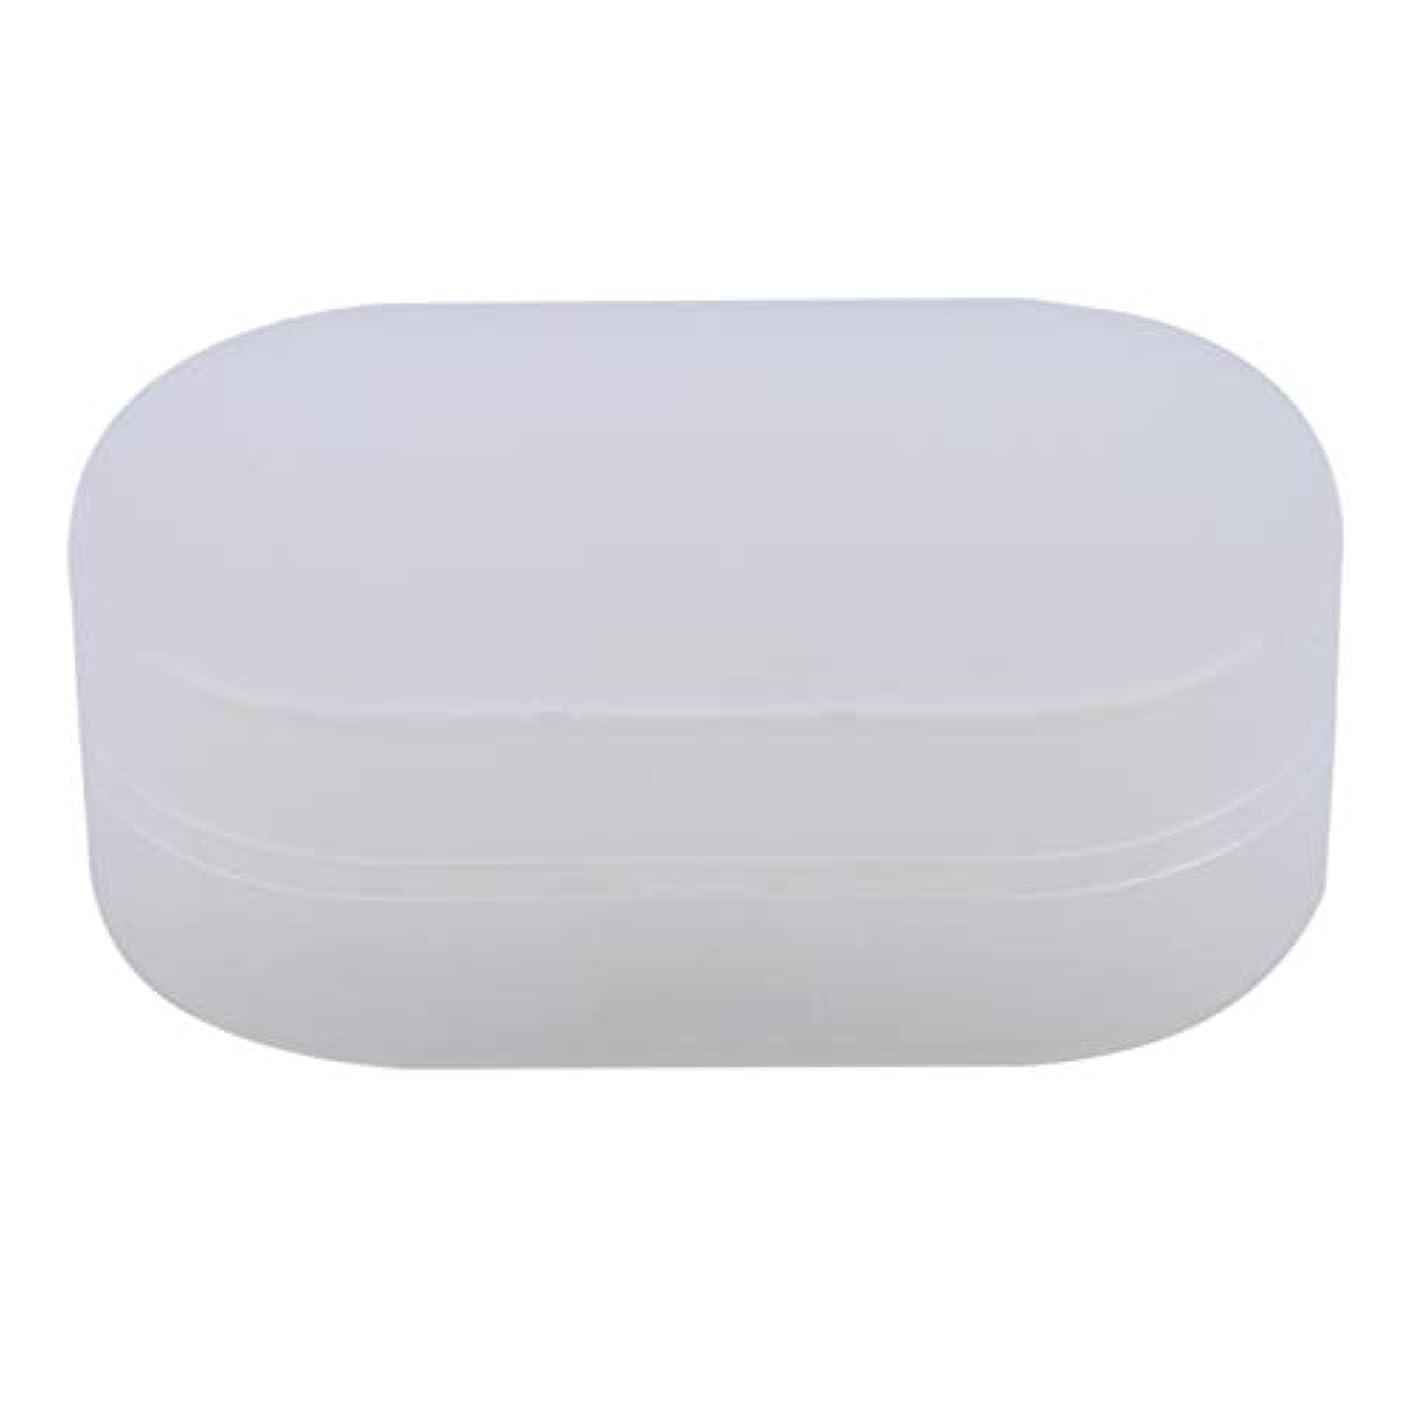 正確さ庭園支出ZALINGソープボックスホルダーソープディッシュソープセーバーケースコンテナ用バスルームキャンプホワイト